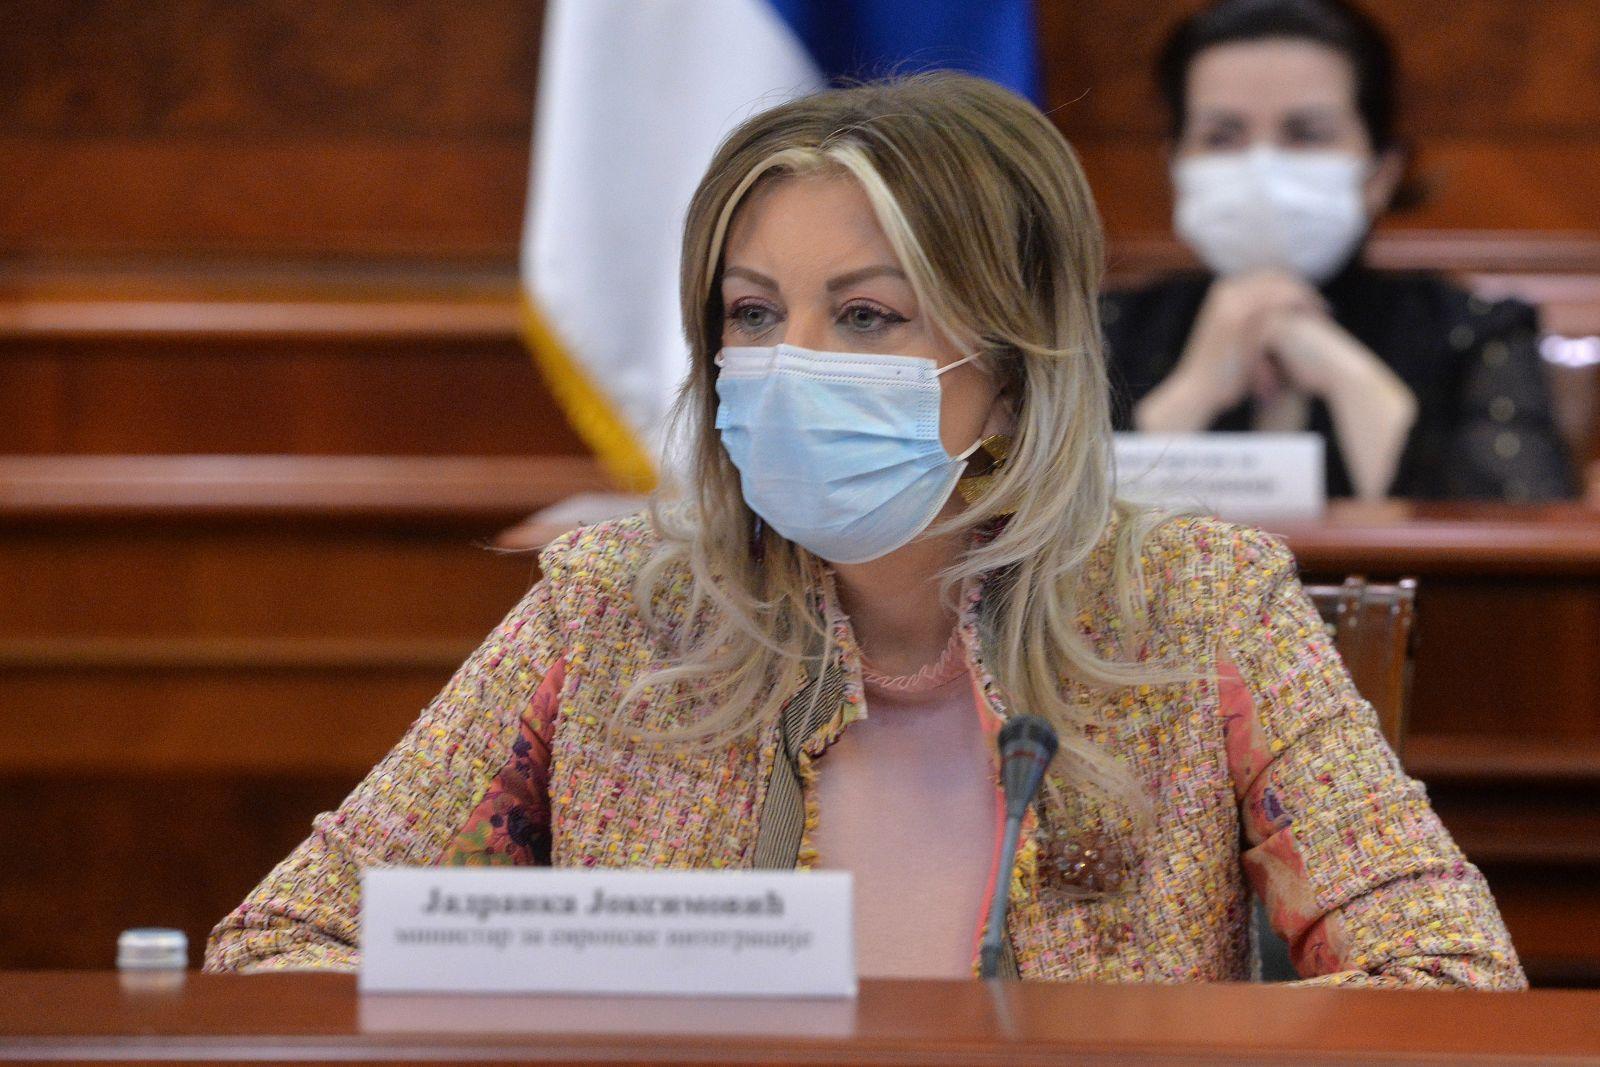 Ј. Јоксимовић: Међувладина конференција до краја јуна